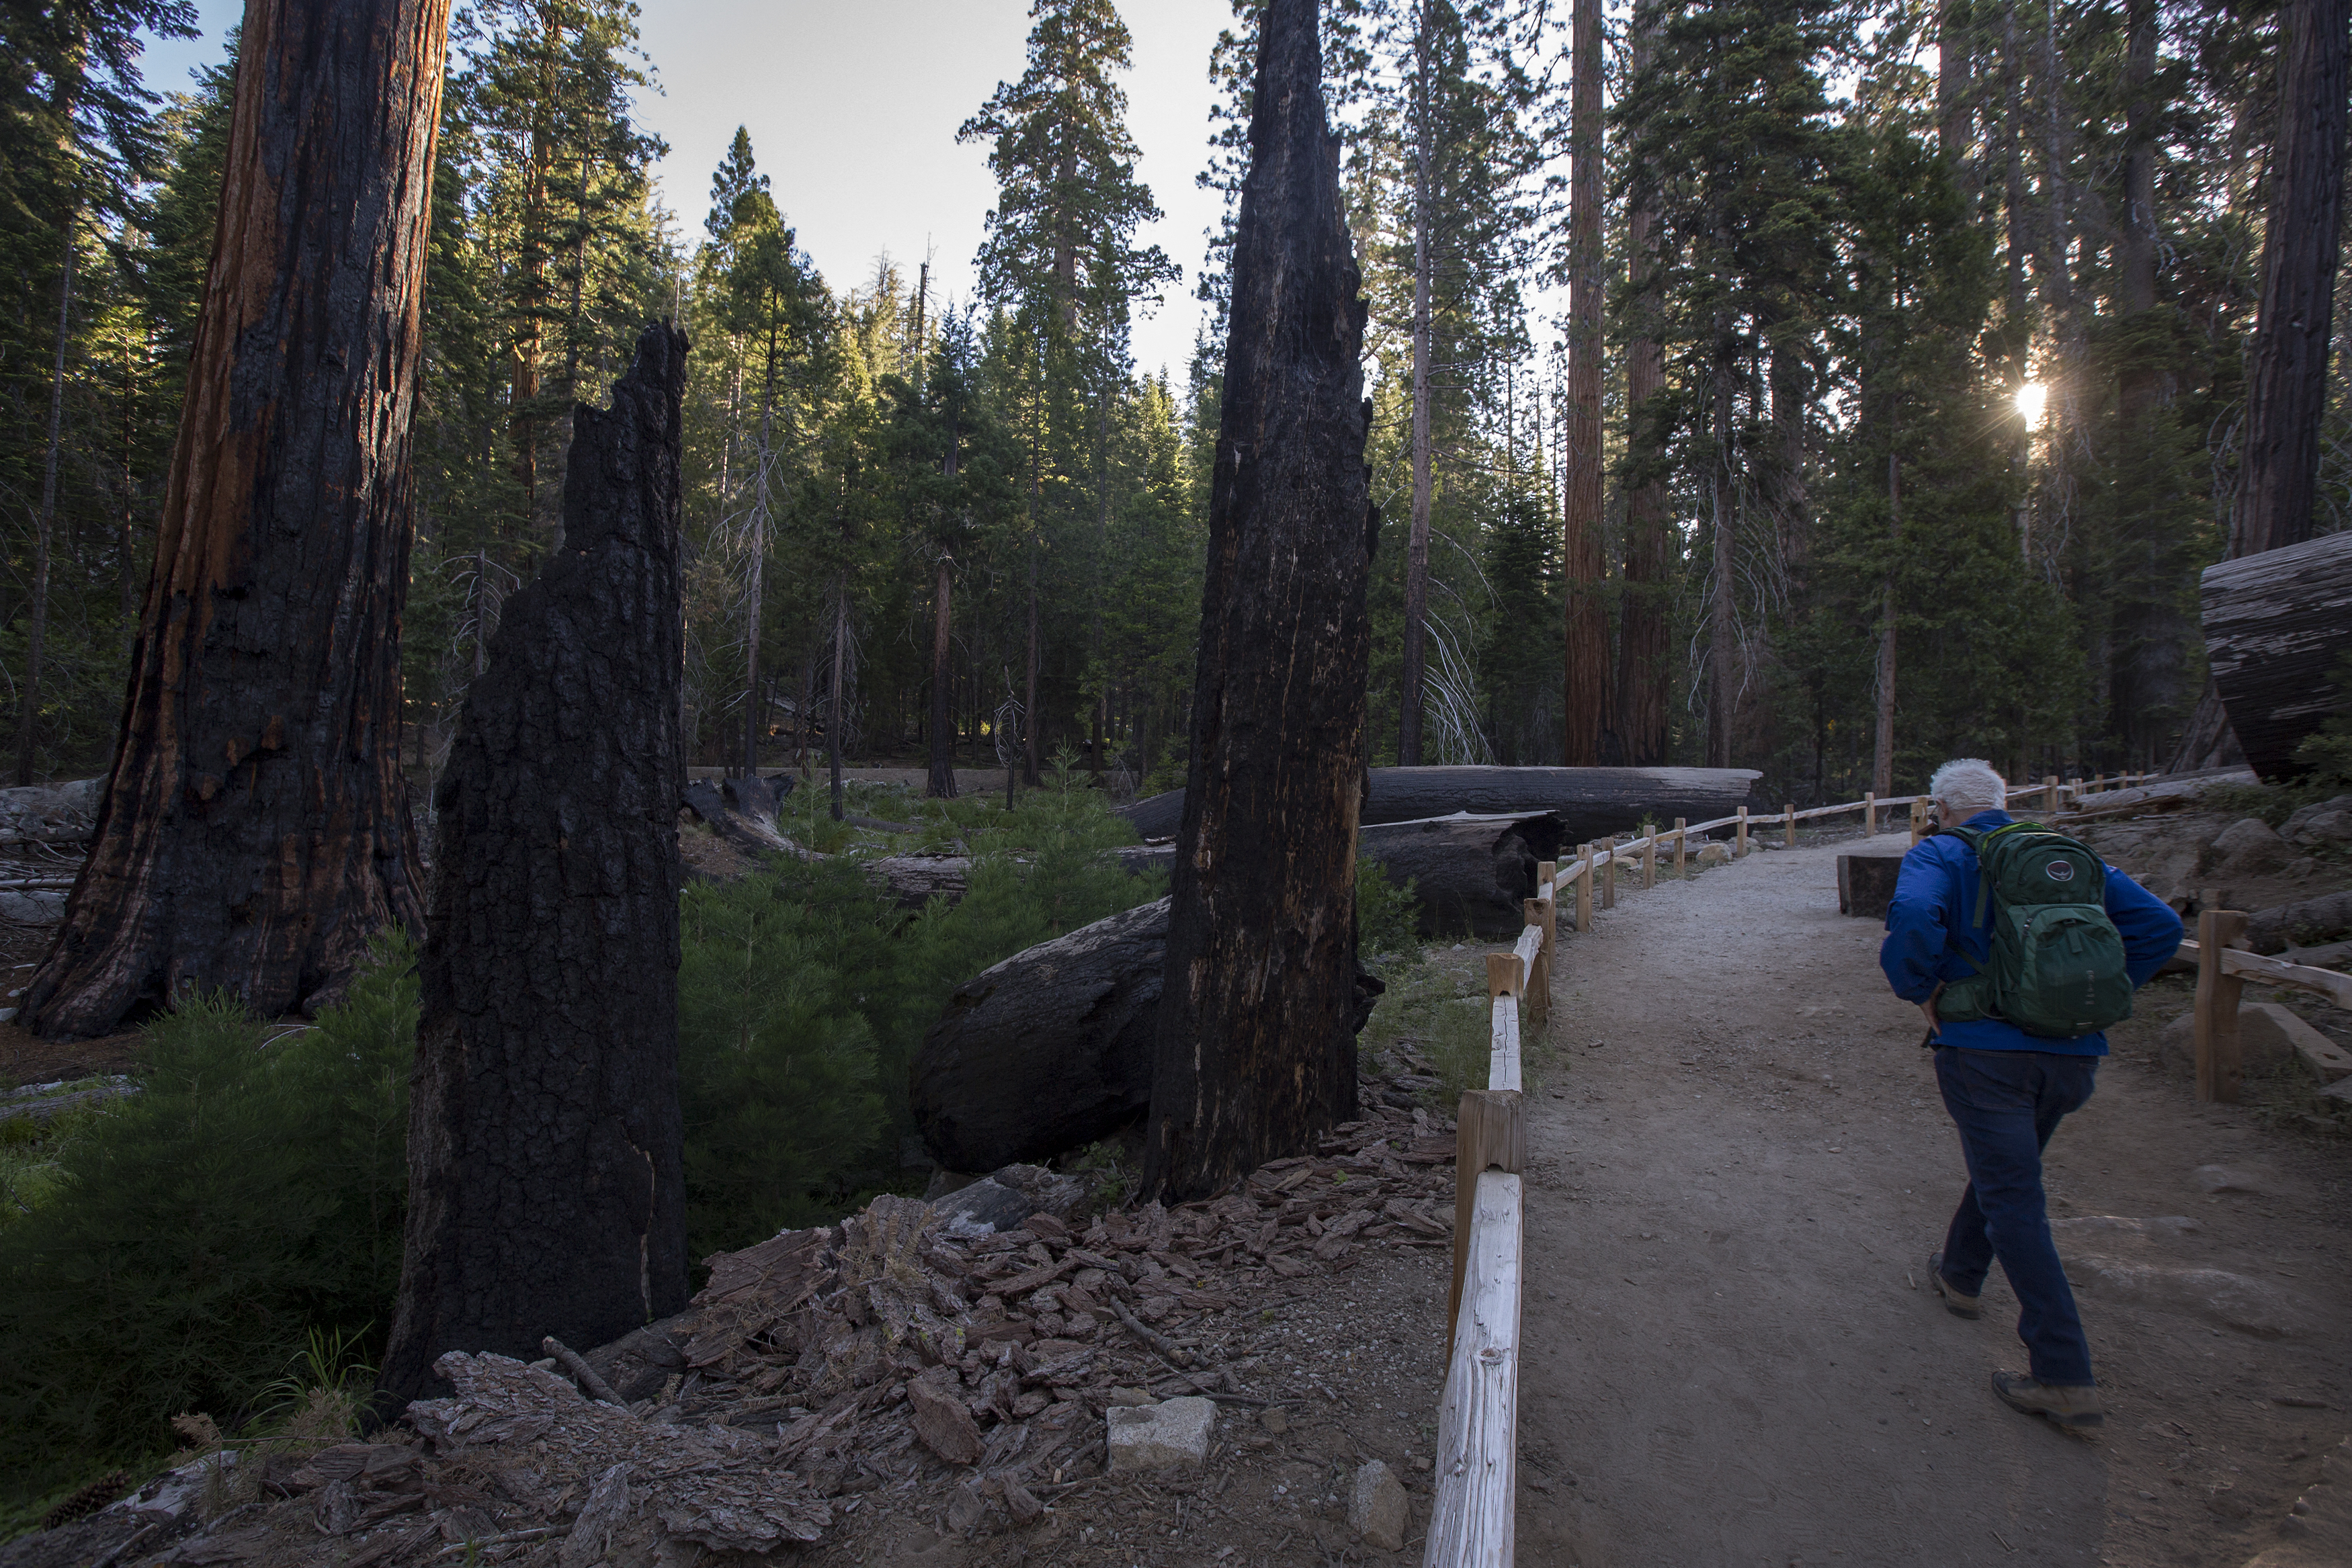 Egyetlen kaliforniai bozóttűzben elpusztult a világ óriás mamutfenyőinek 10 százaléka